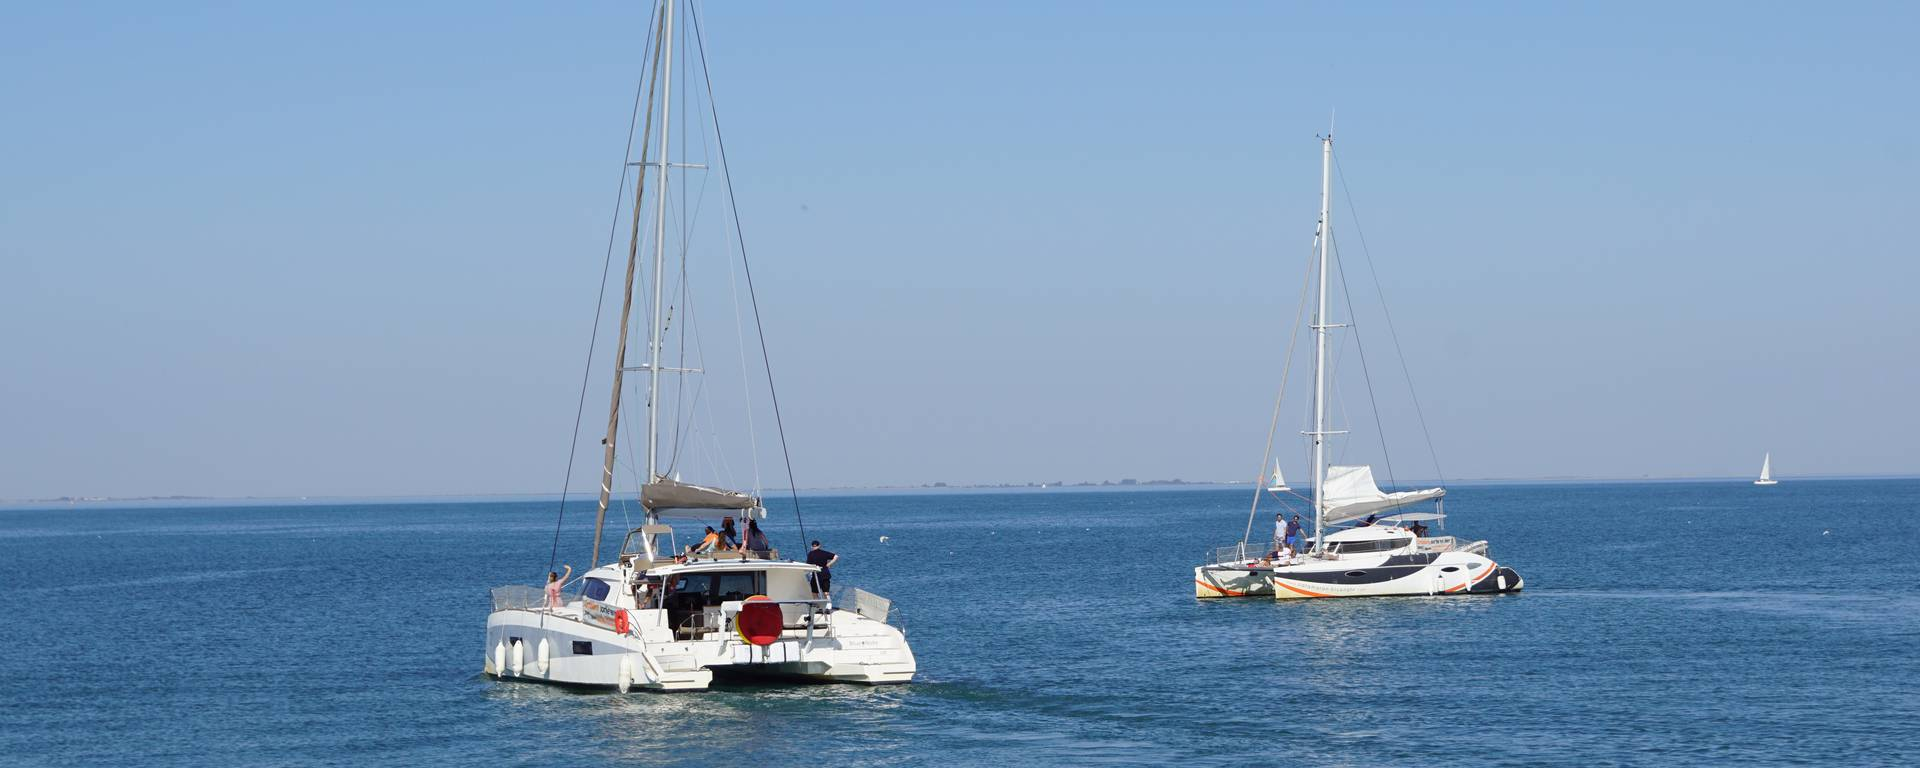 Groupes, balade en bateau